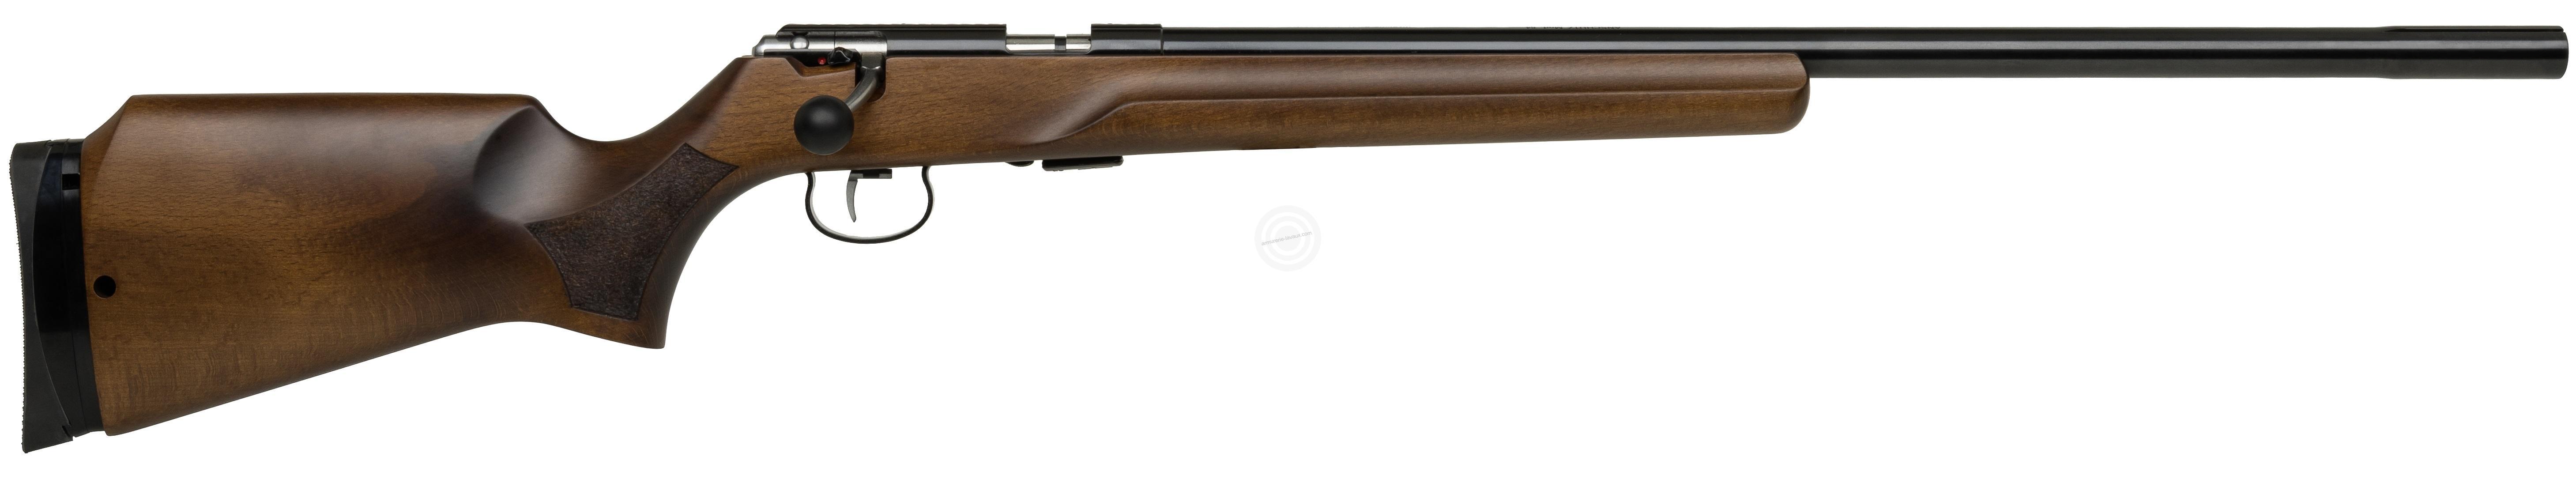 Carabine 22Lr ANSCHUTZ mod. 64 MP R Match